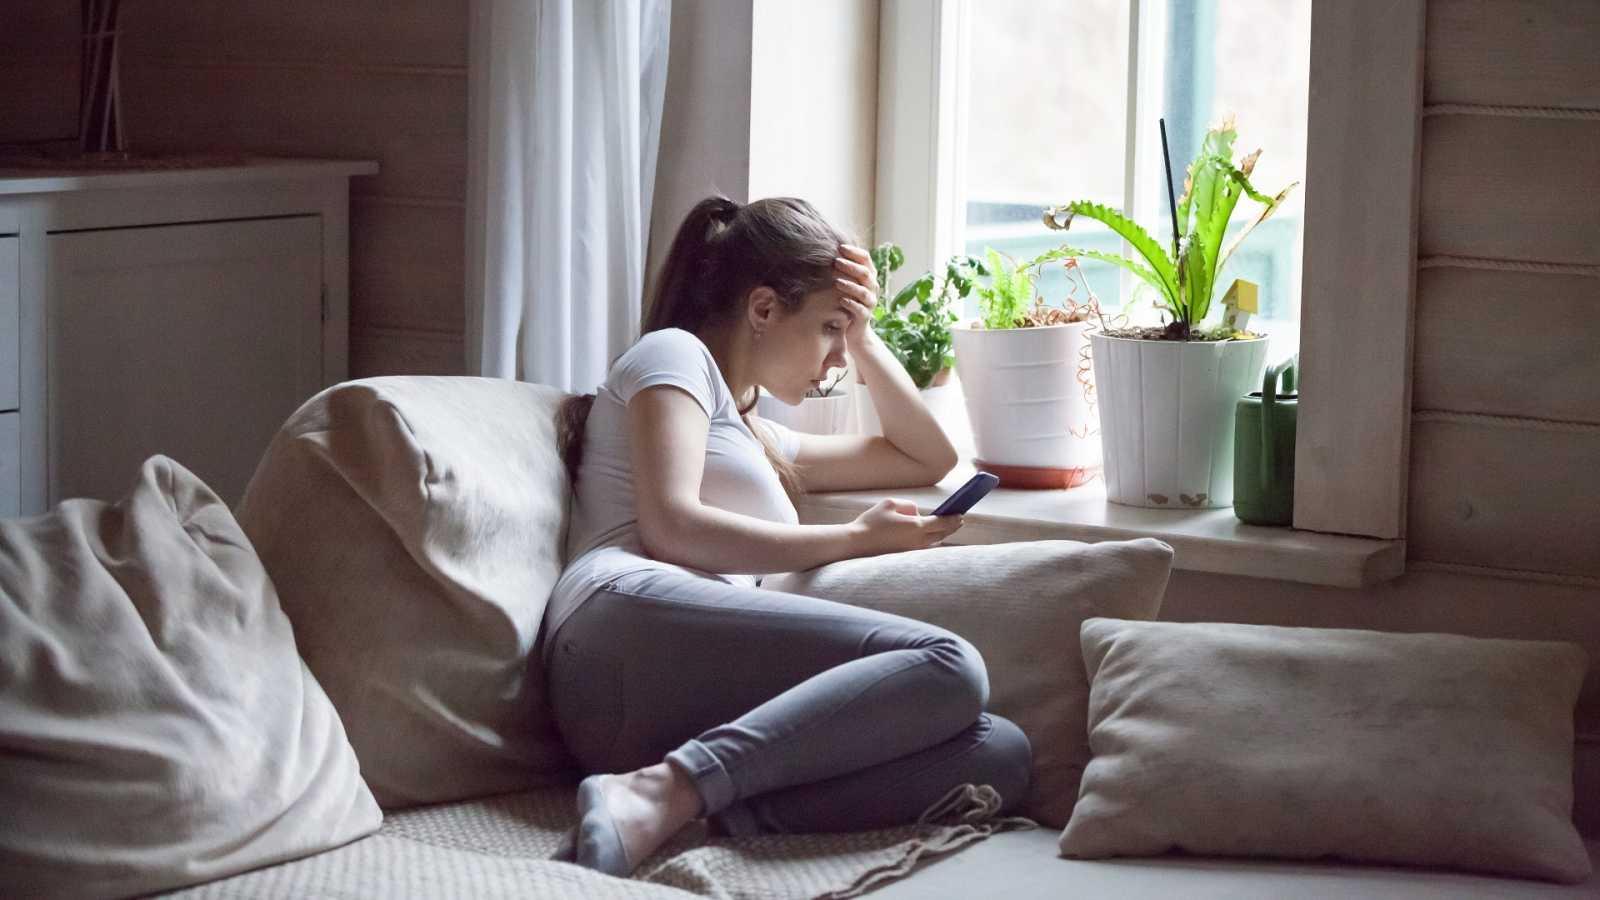 jóvenes desempleados como consecuencia de la pandemia